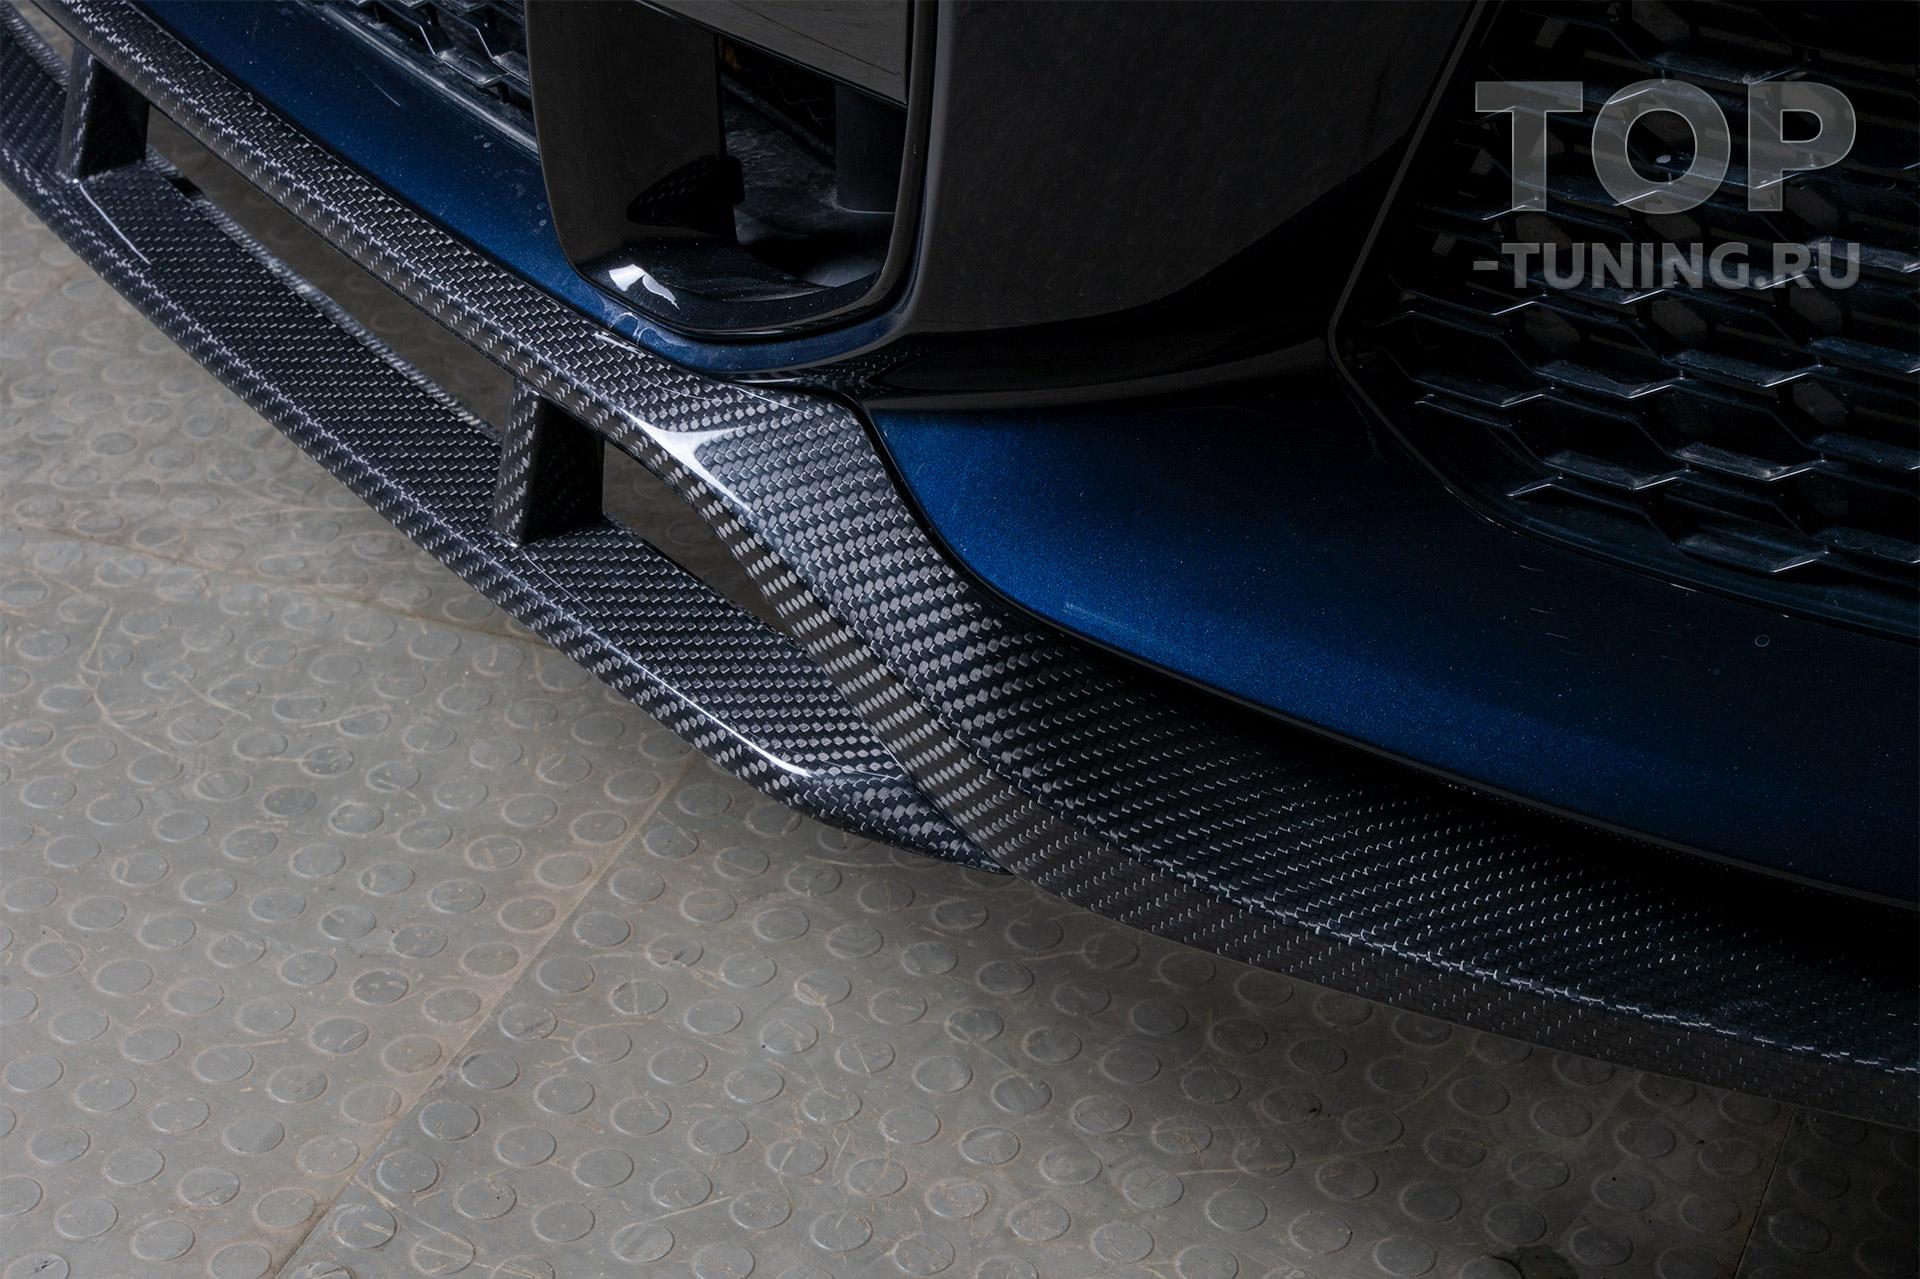 Юбка на передний бампер из карбона для БМВ Х6 (новый кузов)